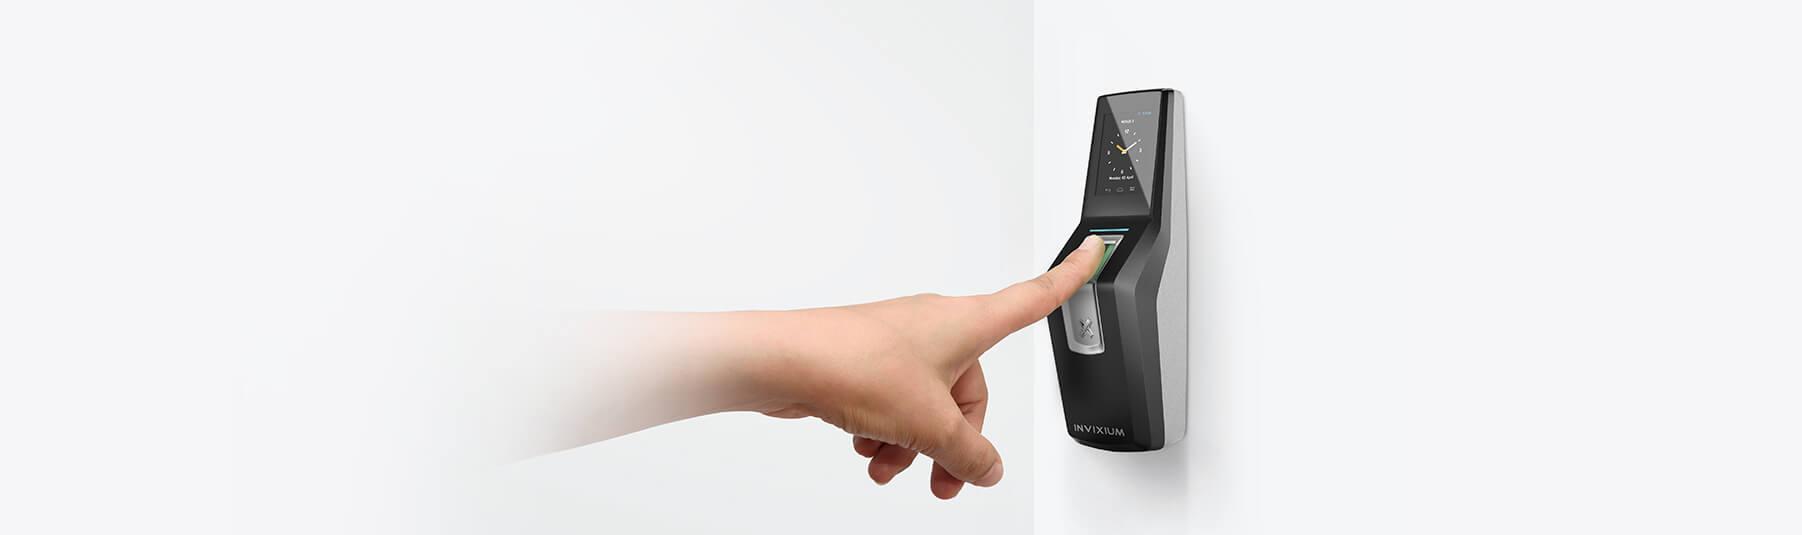 Merge2-Fingerprint-reader